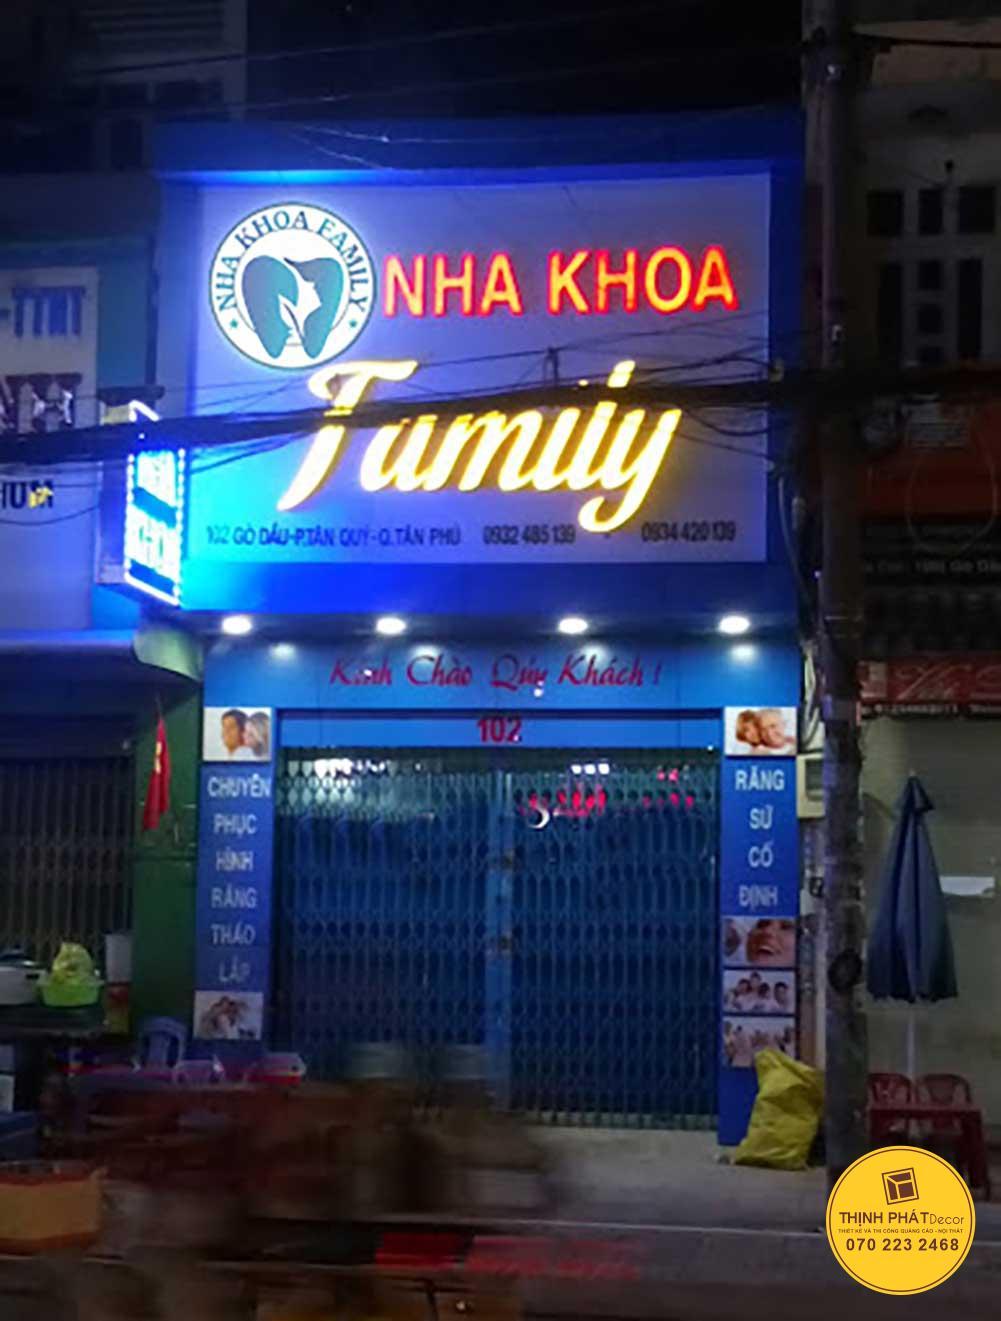 Mẫu bảng hiệu nha khoa đẹp quận Tân Phú